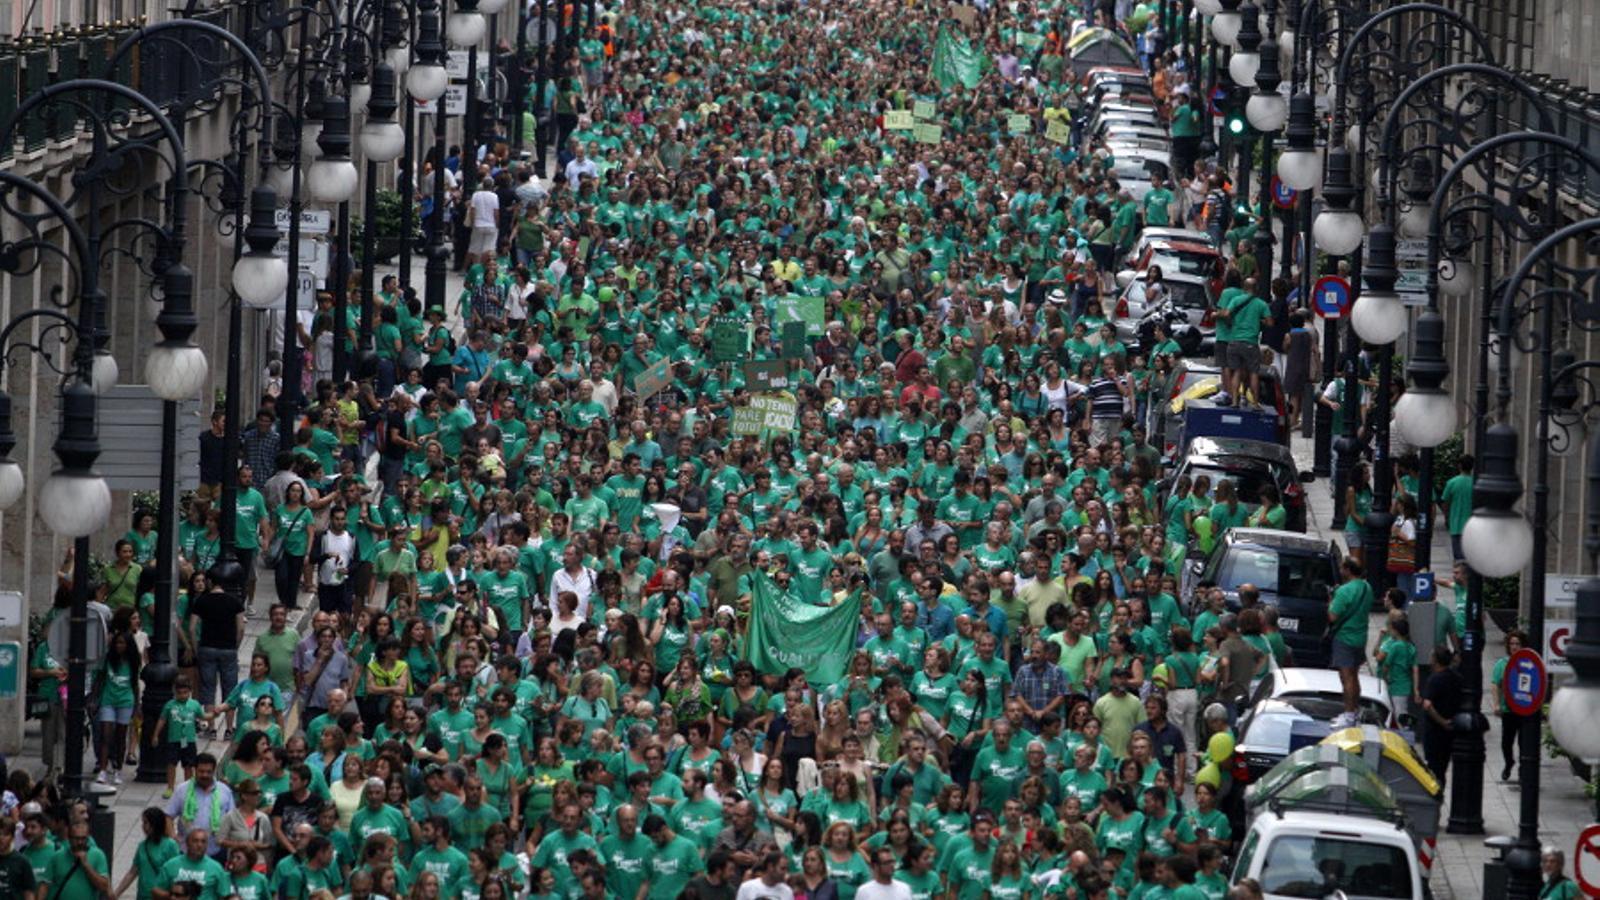 La multitudinària manifestació del #29s, en dos minuts